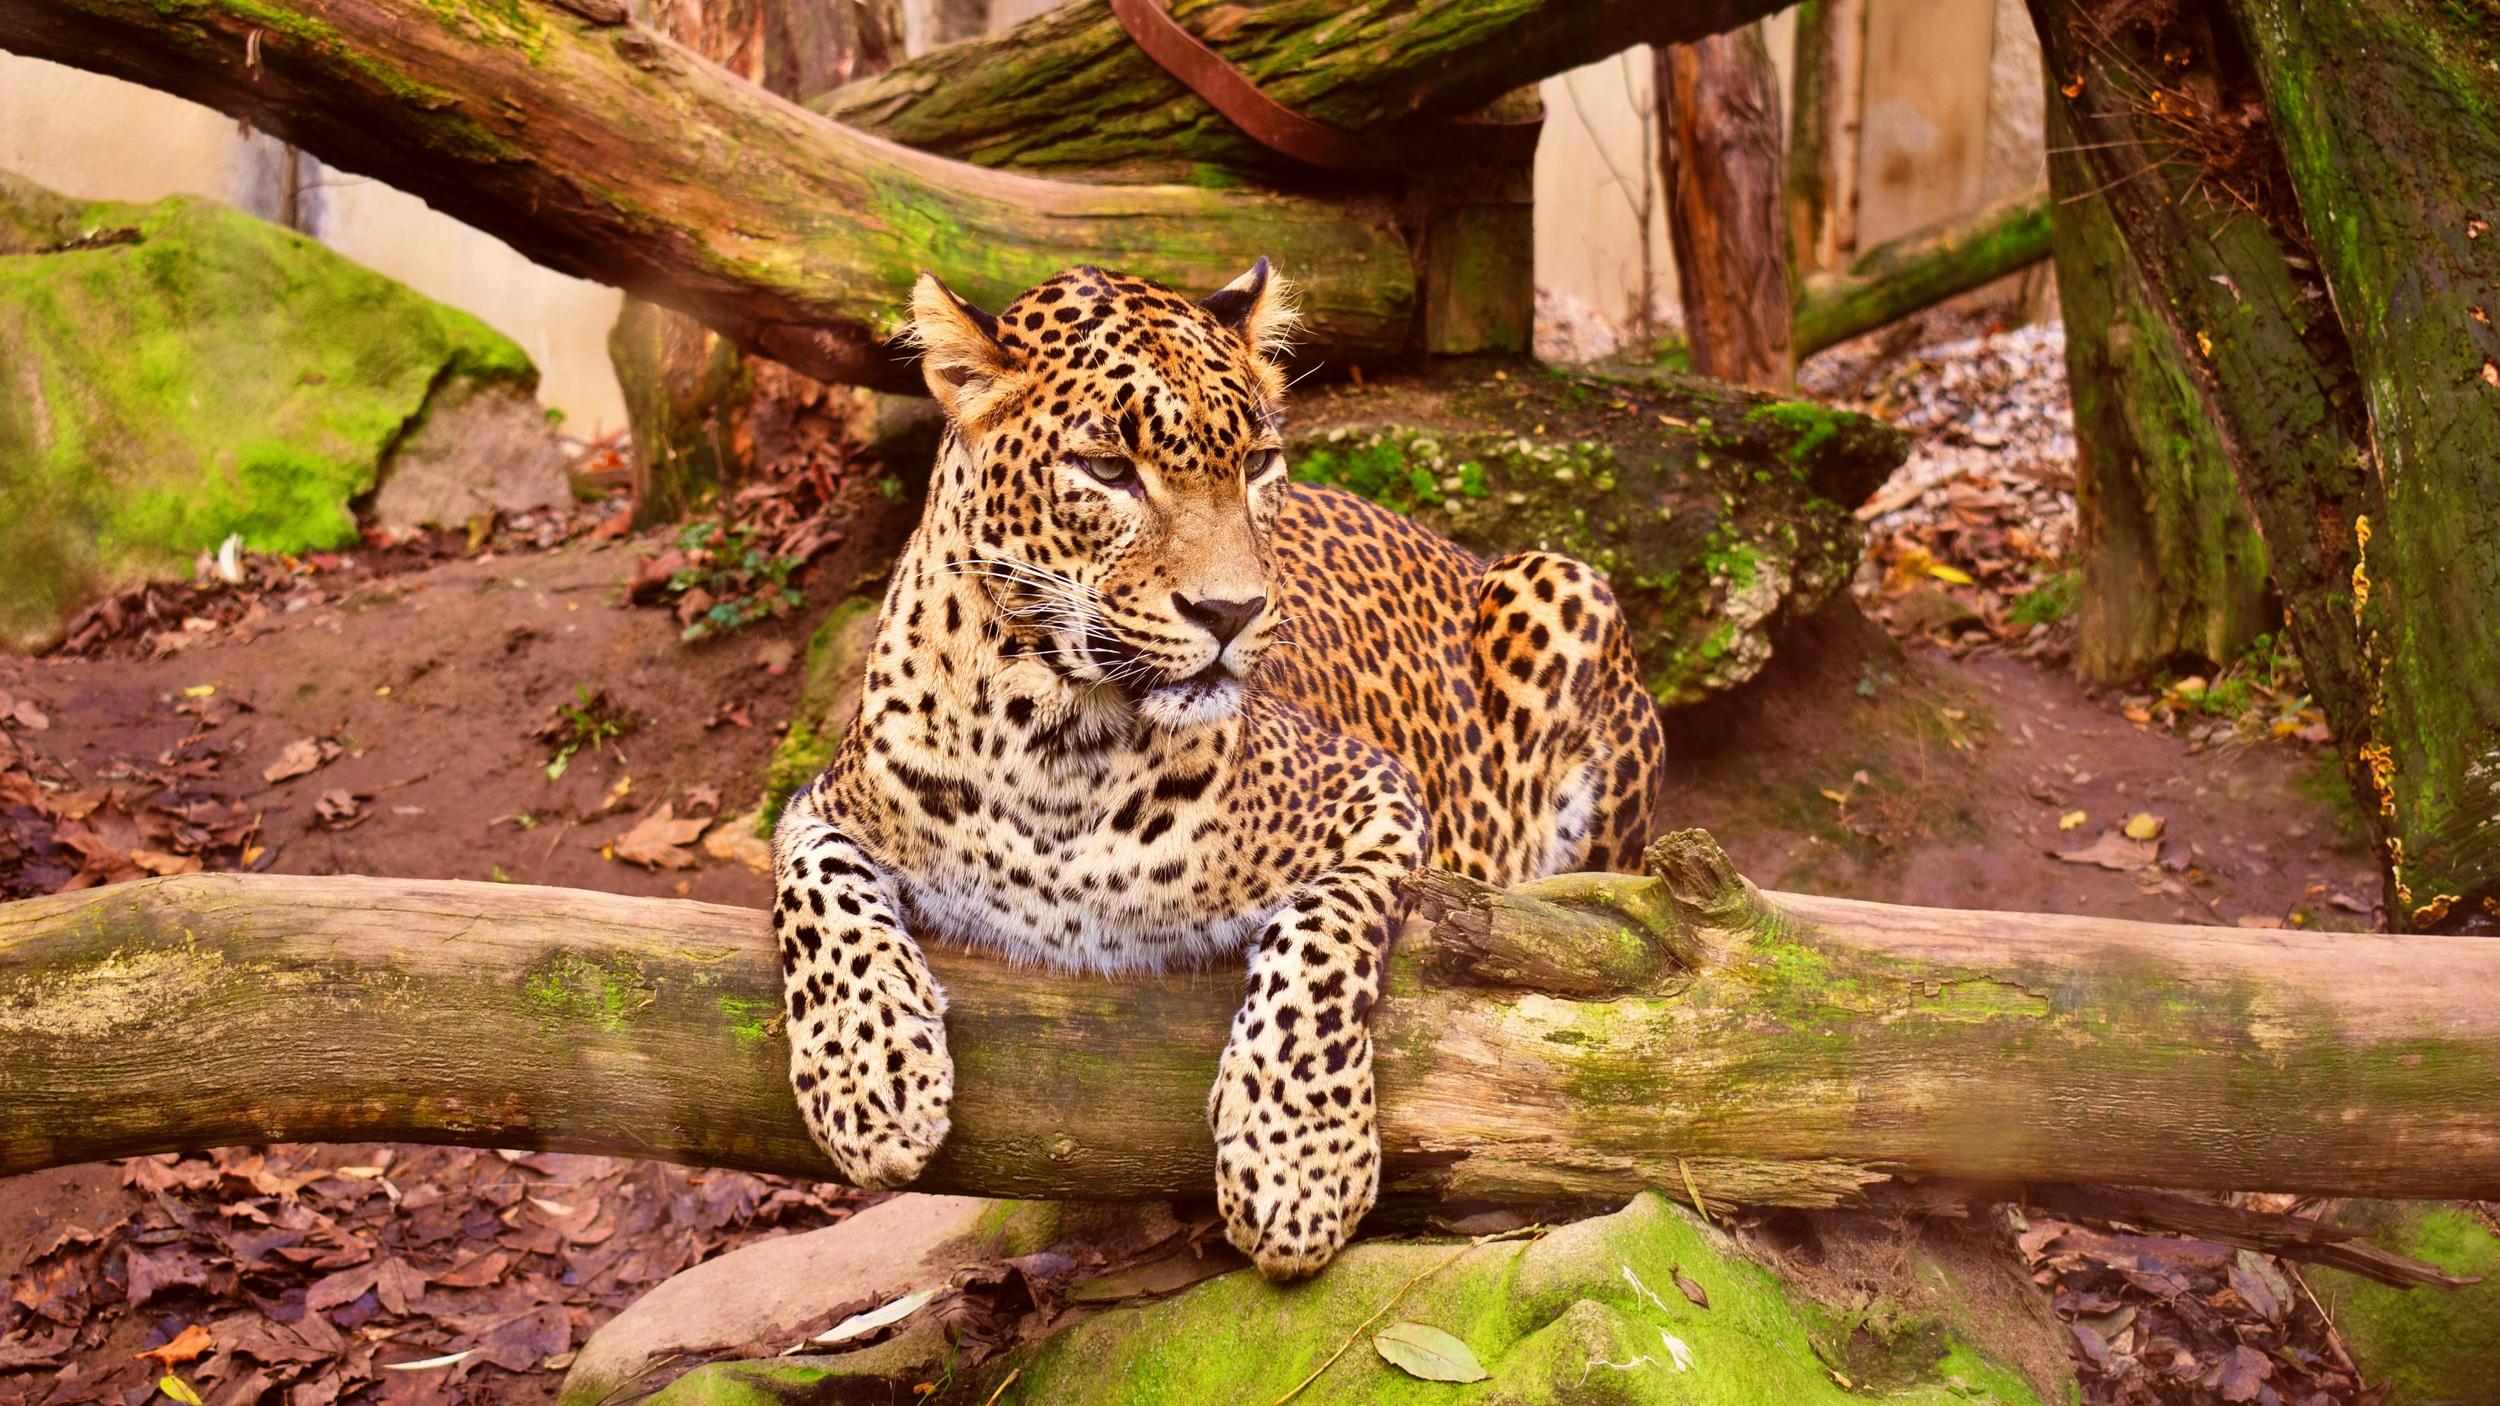 Nashville Zoo - En djurpark är alltid populärt för barnen och ett besök här kan mycket väl vara den perfekta utflykten för barnfamiljen. Parken är ganska liten men gemytlig och det finns många spännande djur att både träffa och titta på, så som pandor, pingviner och många fler.